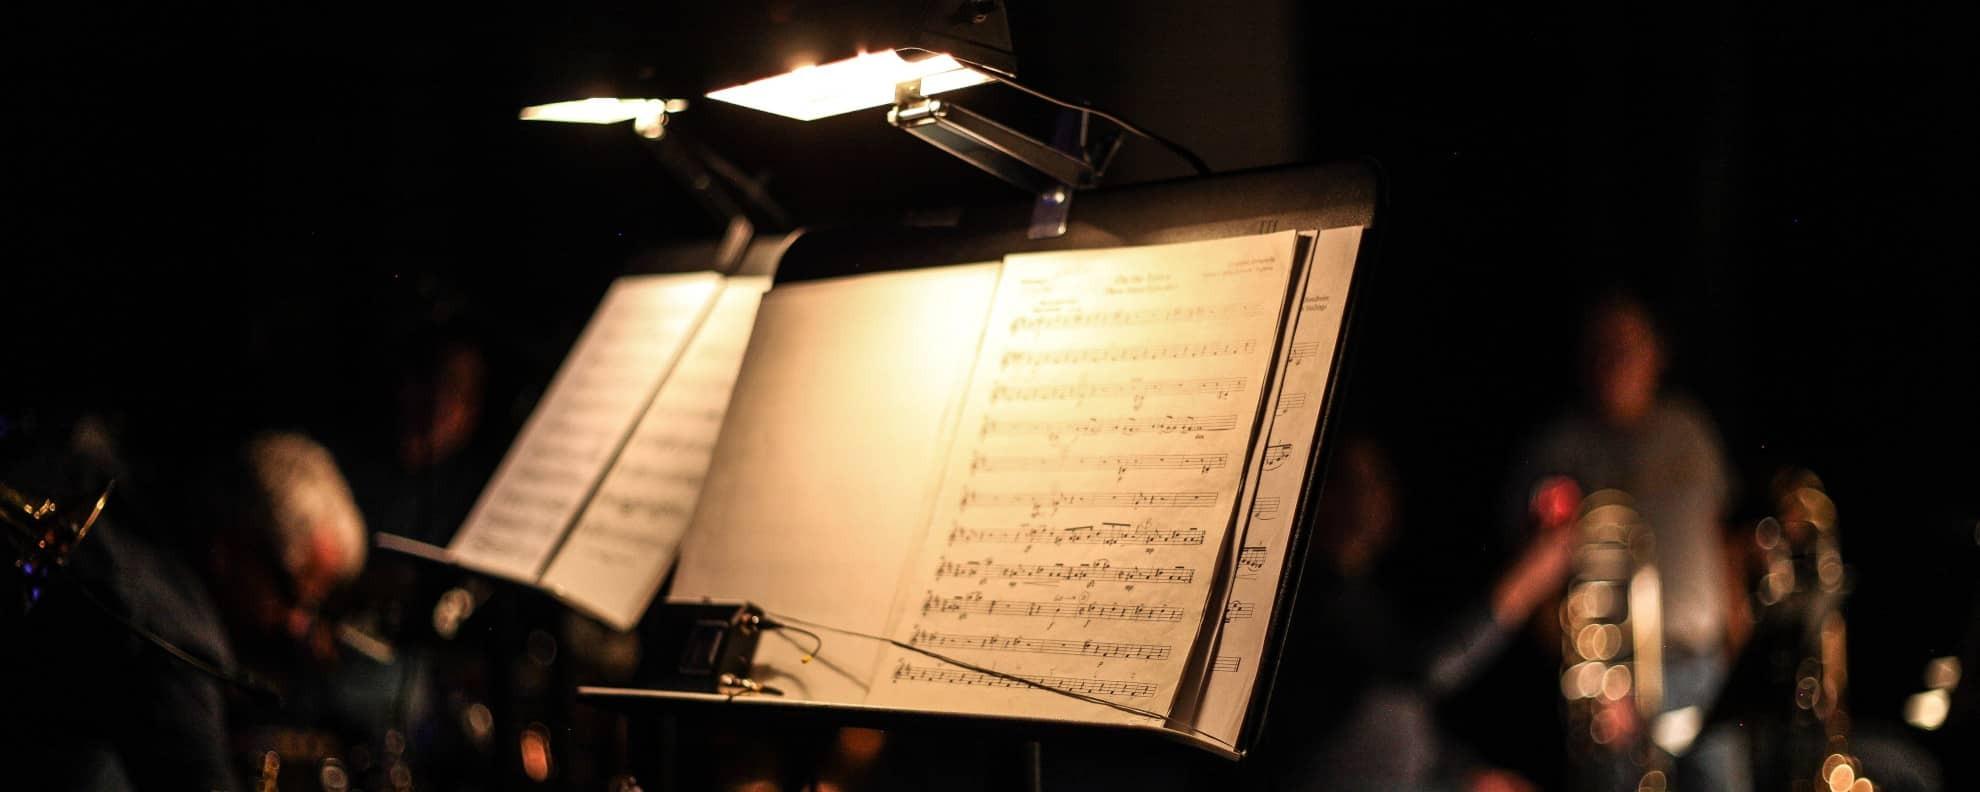 Wie werde ich Komponist?